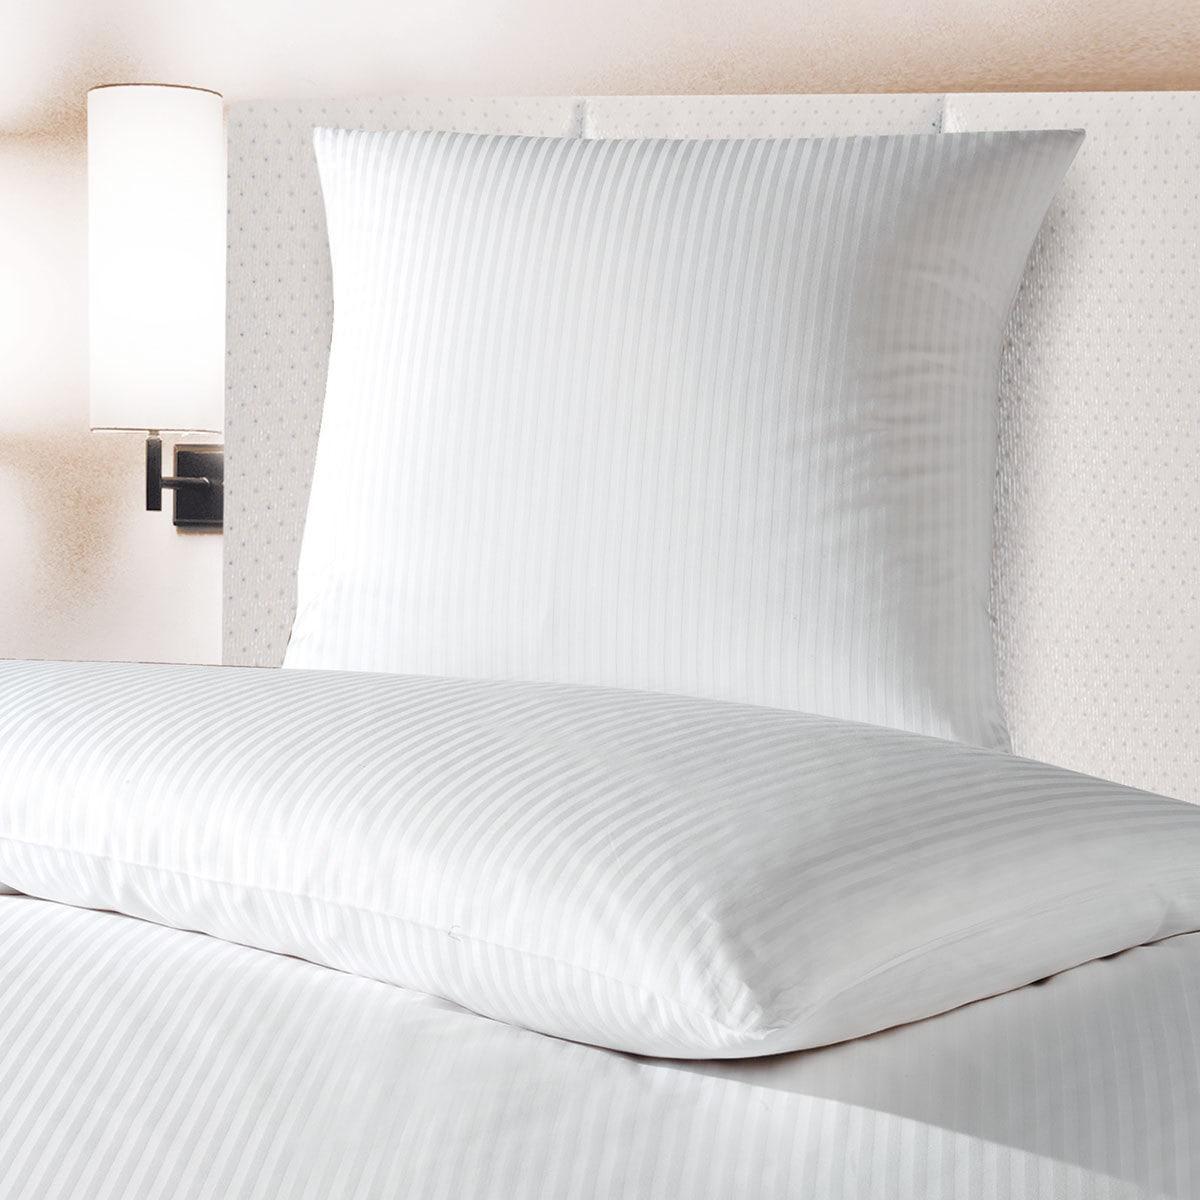 bettwarenshop damast objekt bettw sche larissa 8mm weiss g nstig online kaufen bei bettwaren shop. Black Bedroom Furniture Sets. Home Design Ideas